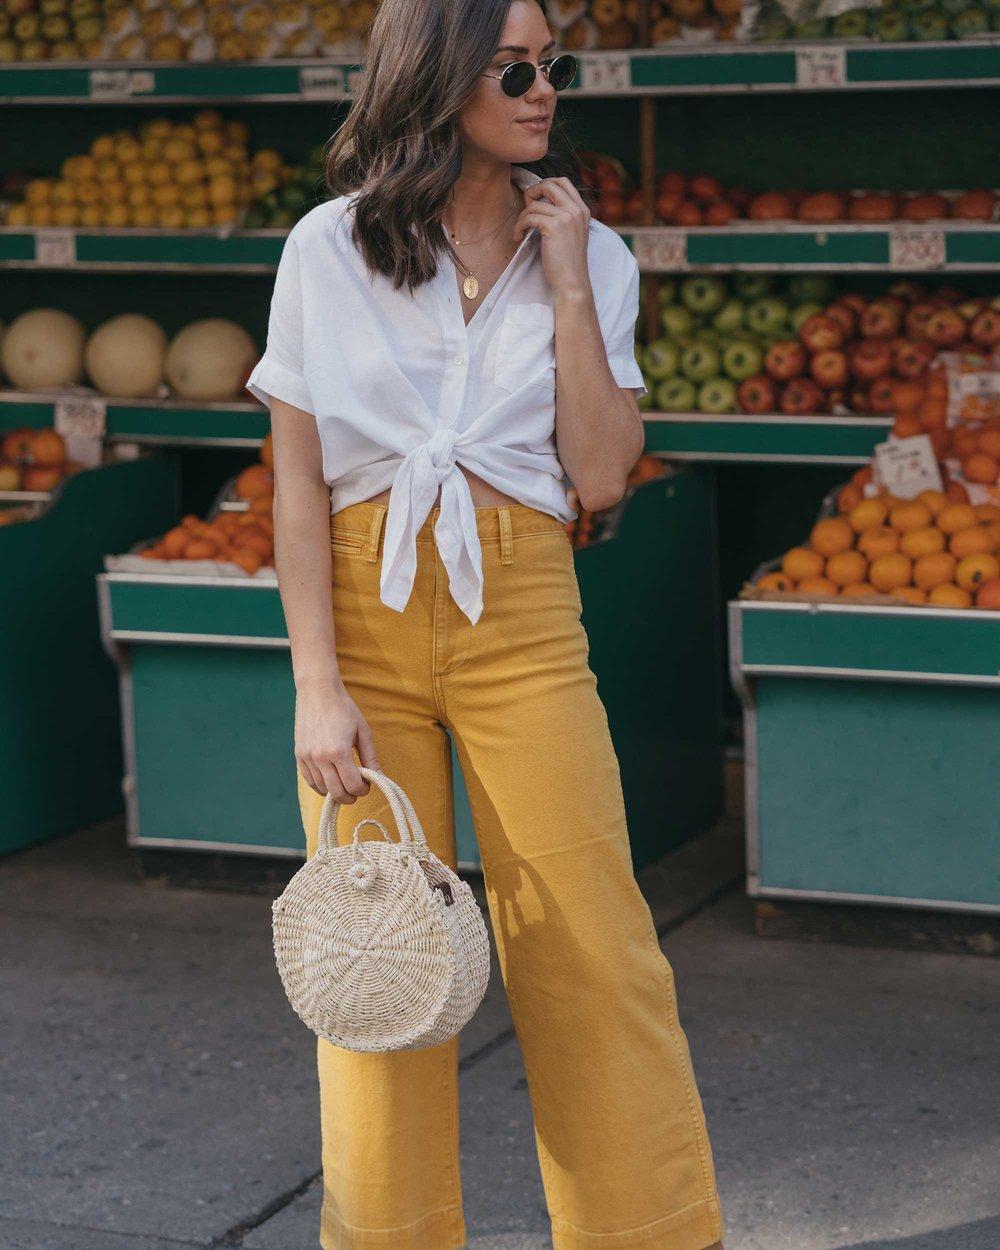 Madewell emmett wide-leg crop pants Round Woven Bag short-sleeve tie-front shirt summer outfit fruit stand new york13.jpg